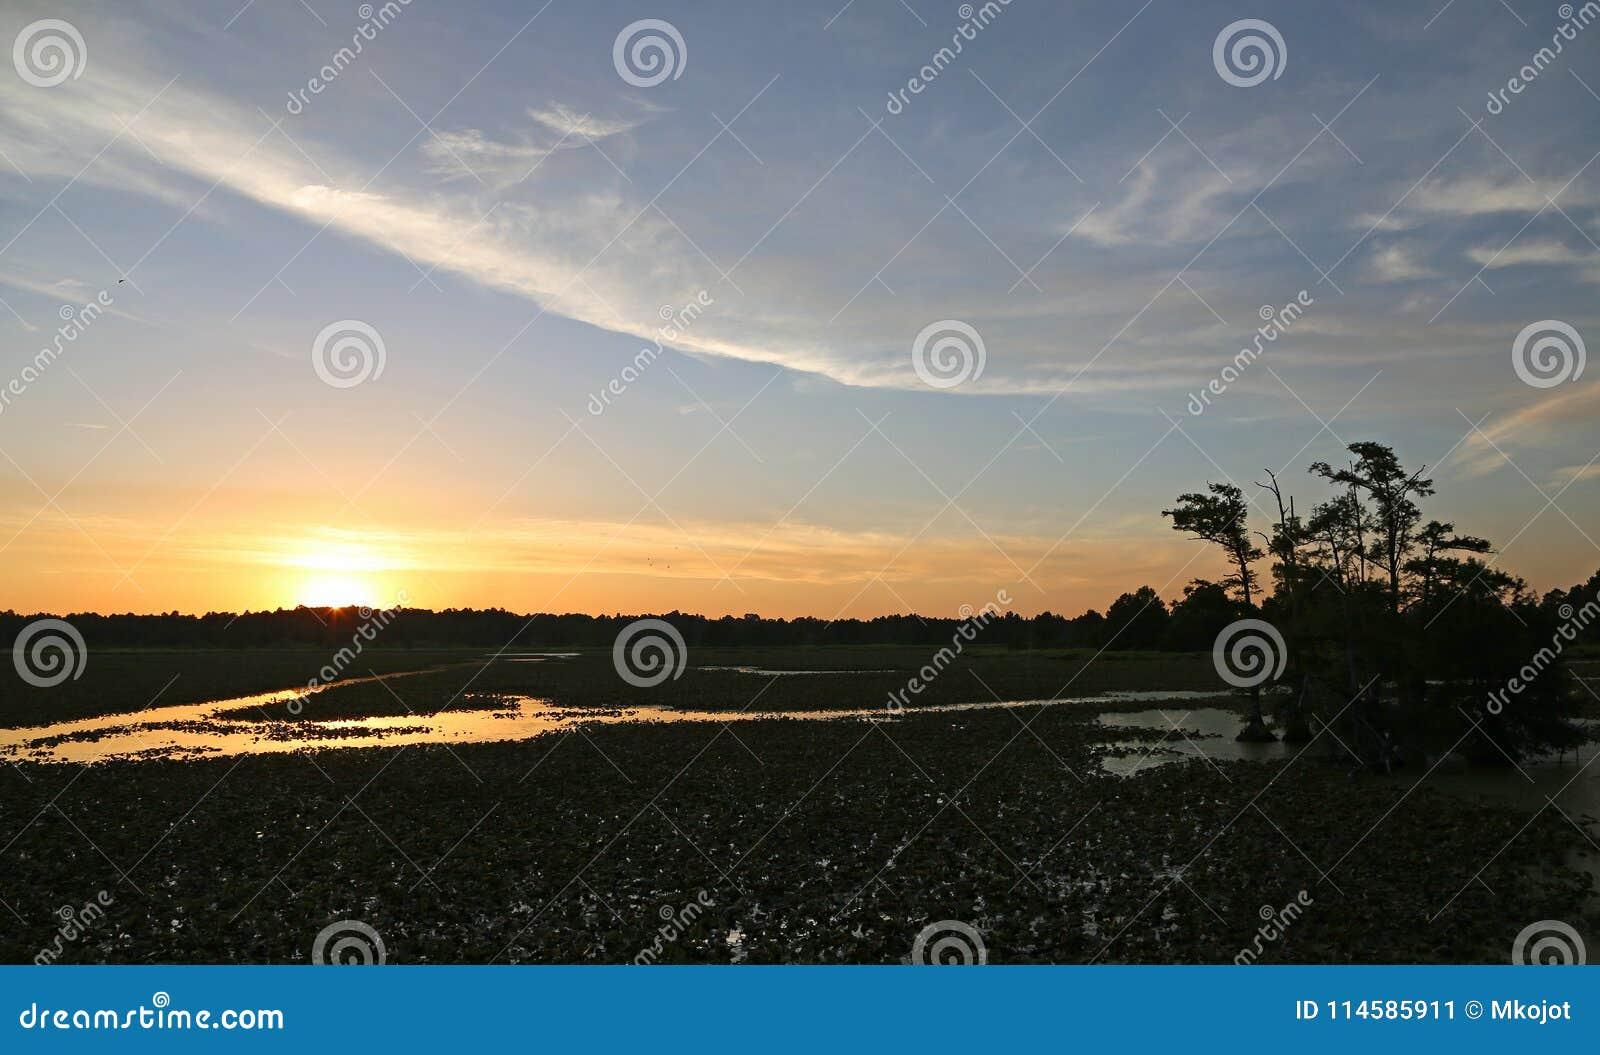 Sunset on Reelfoot Lake